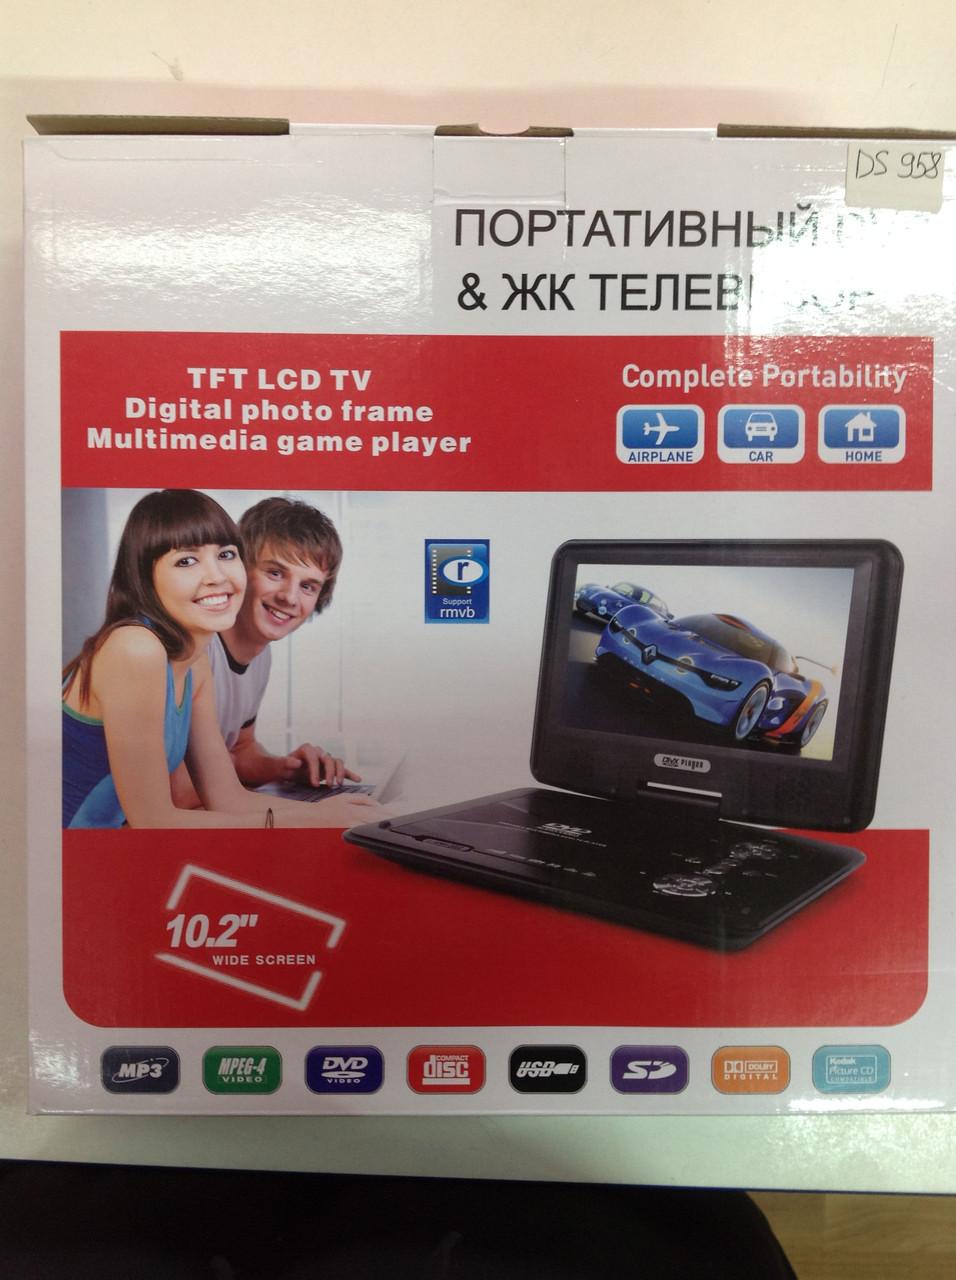 DVD портативный DS-958